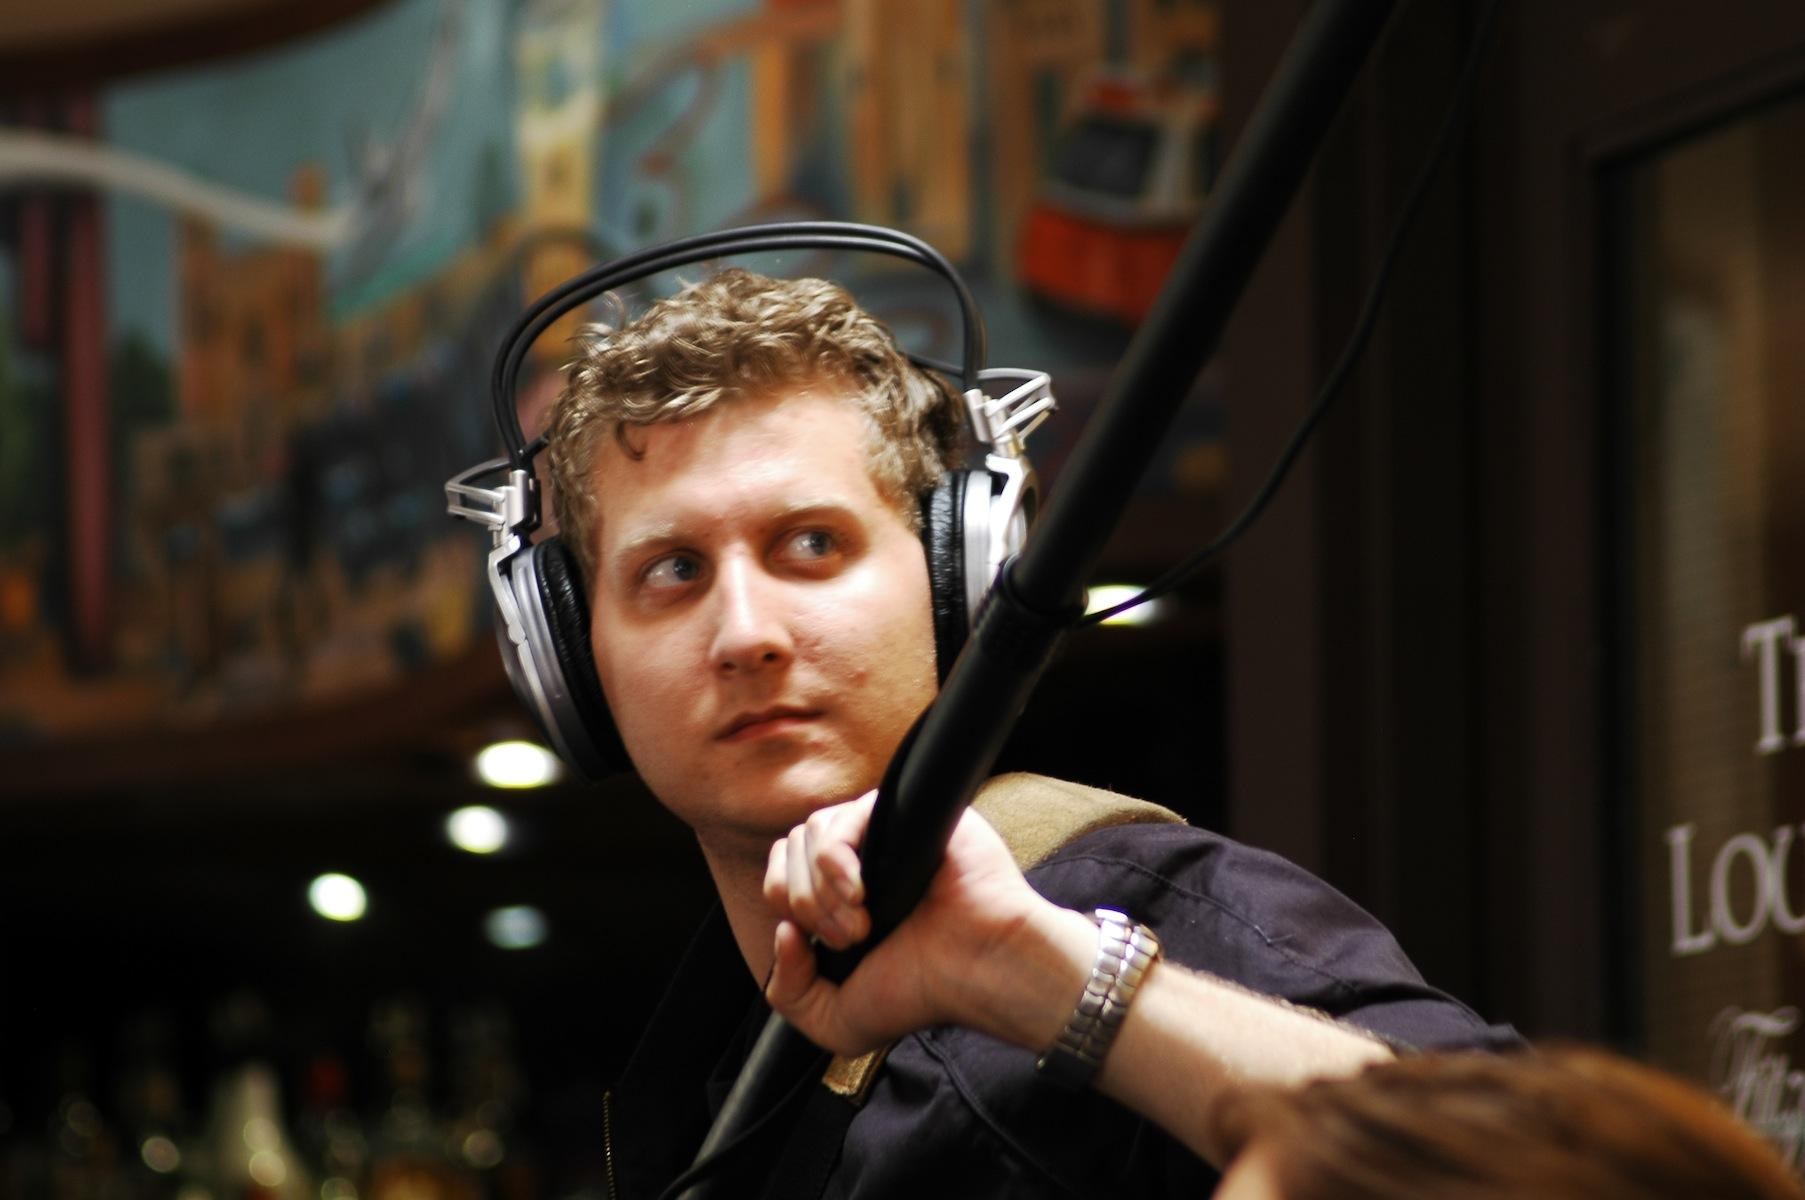 Sound Recordist, Corey Peck